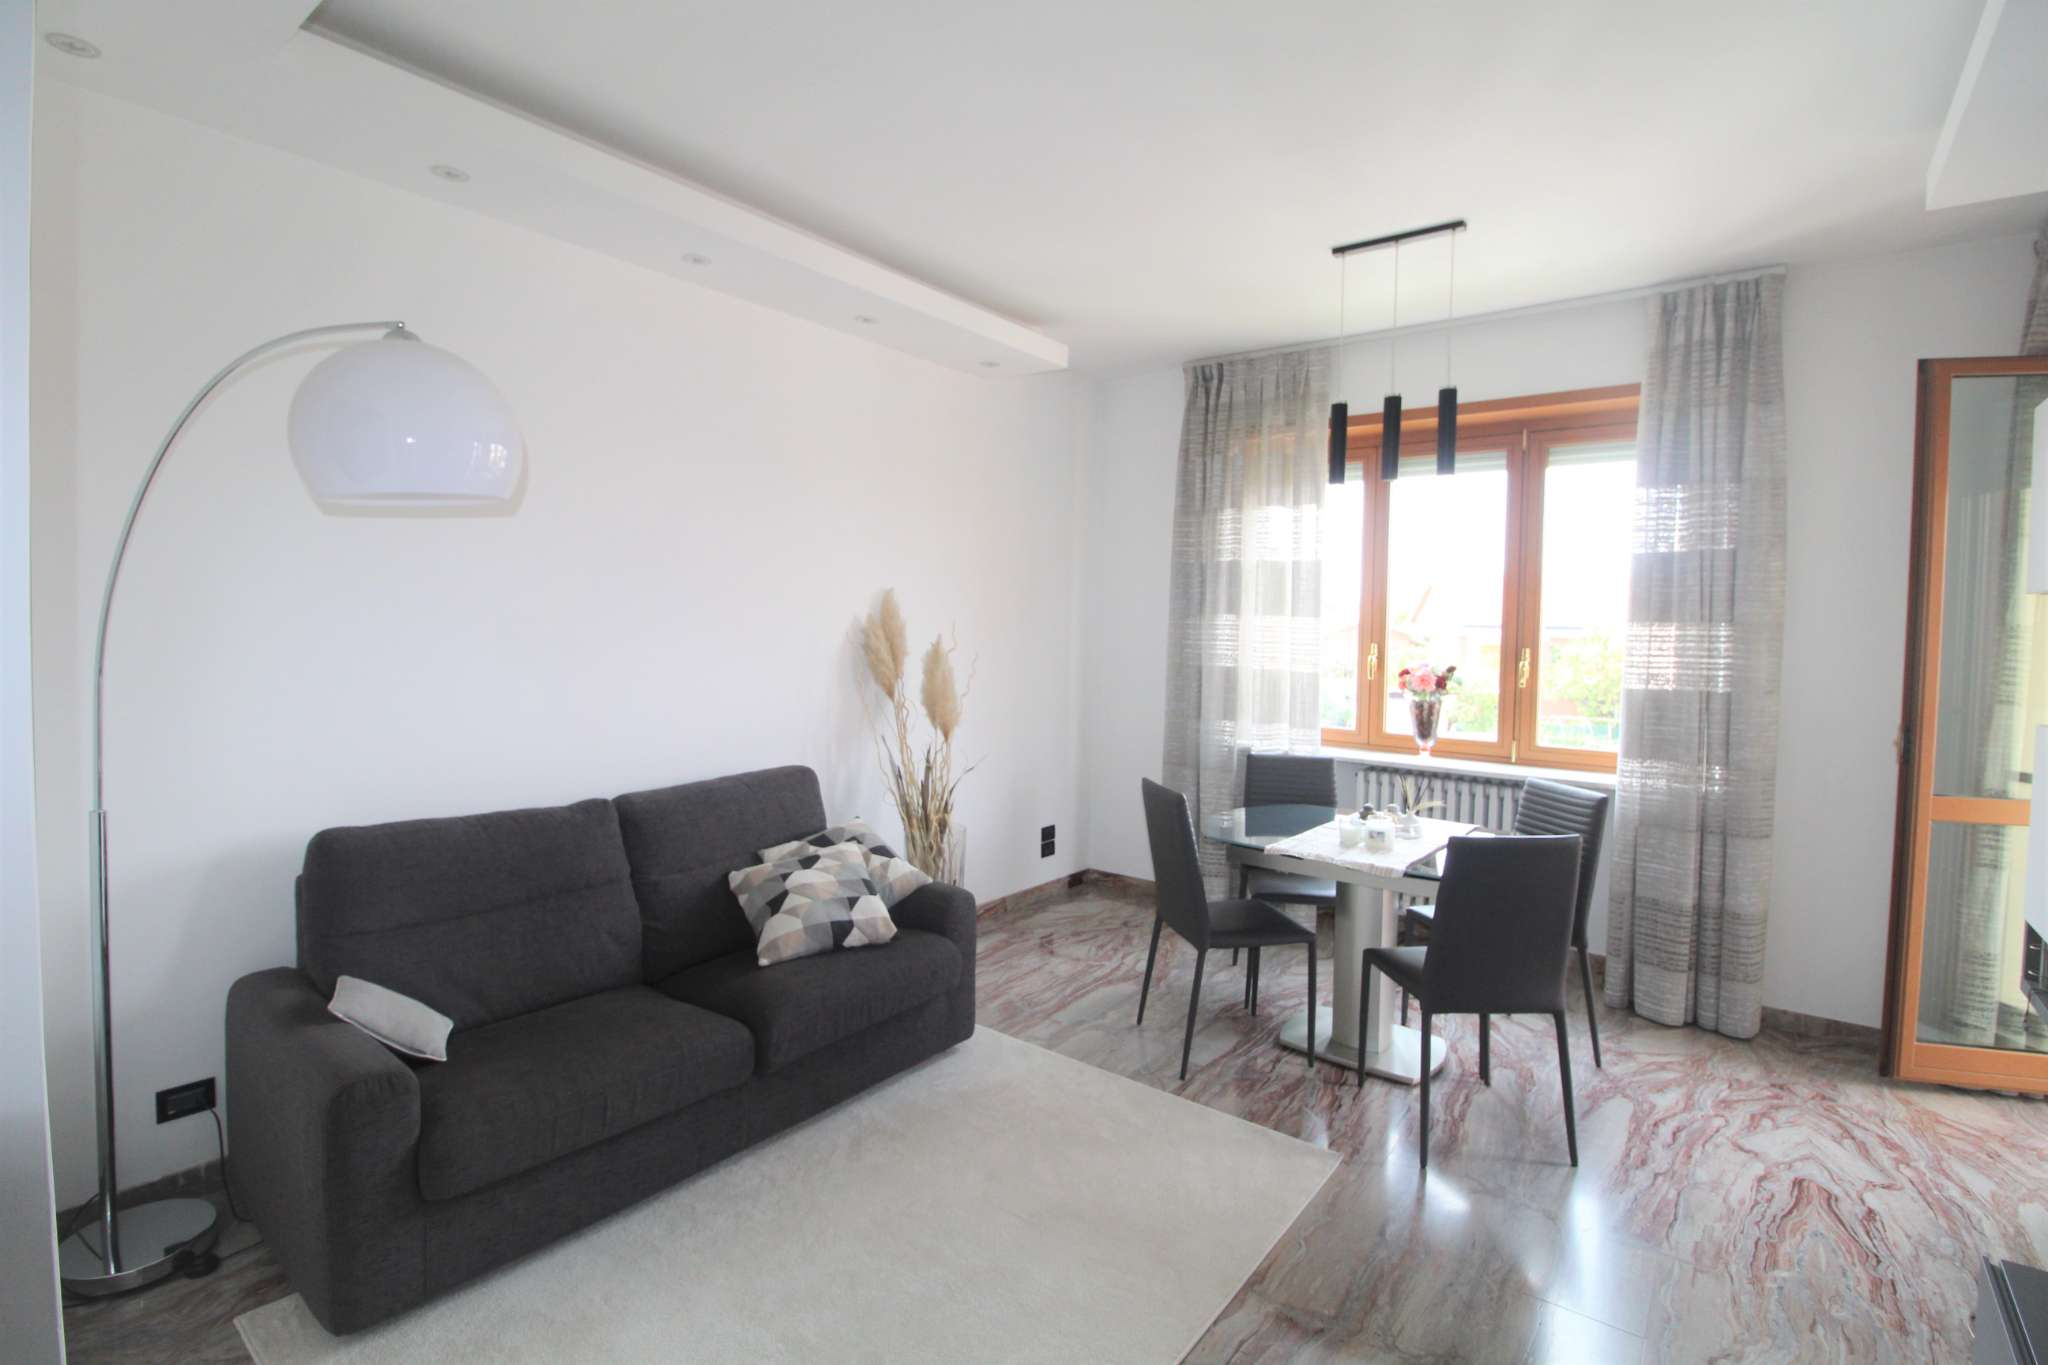 Appartamento in vendita a Candiolo, 4 locali, prezzo € 150.000   PortaleAgenzieImmobiliari.it